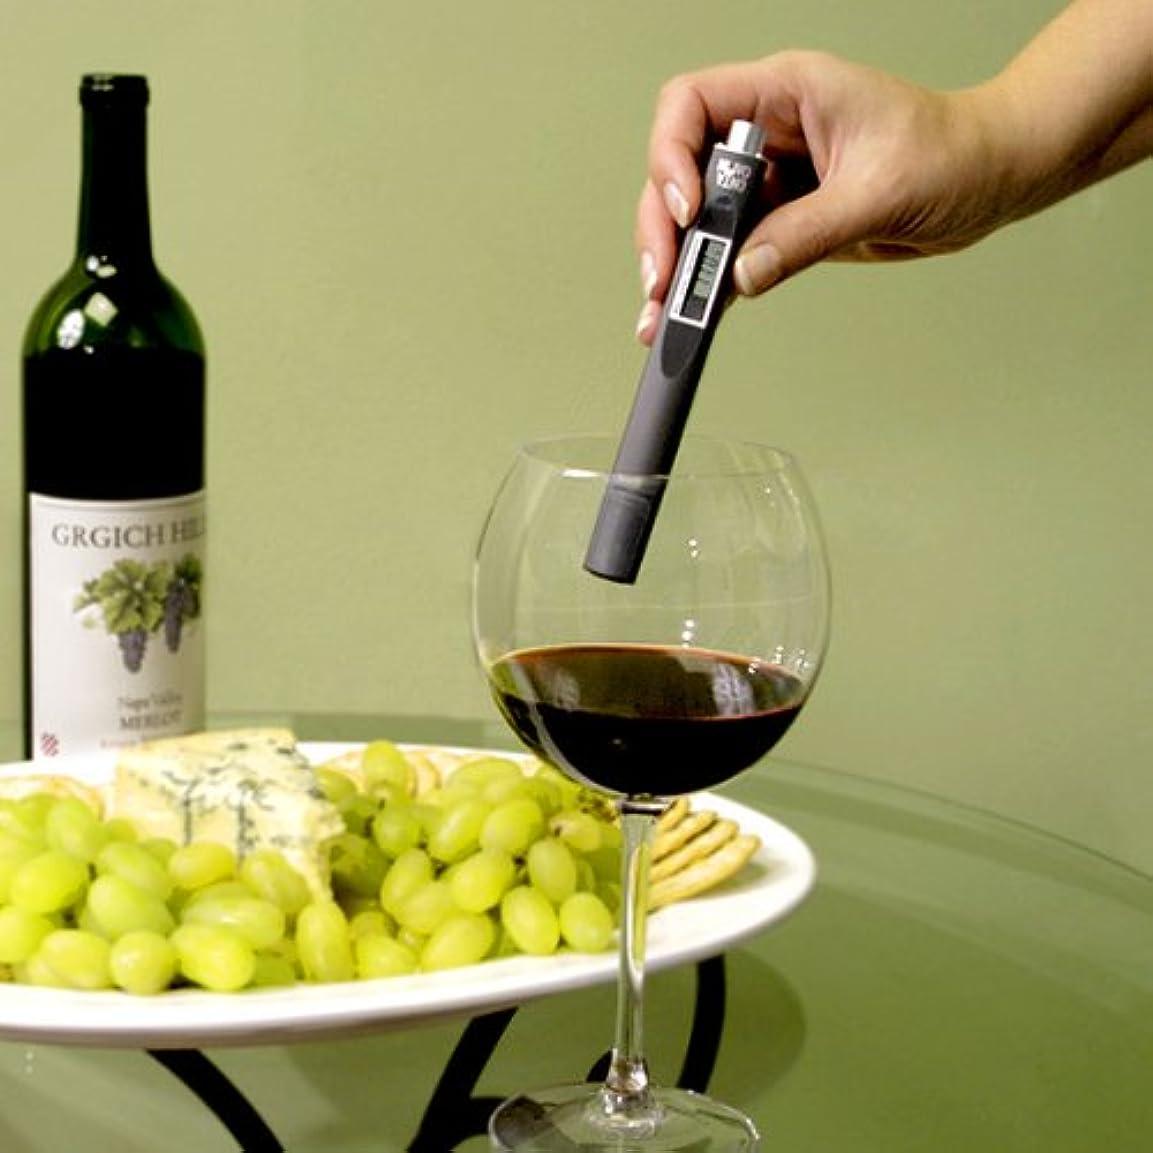 生息地お金害ワイン 温度計 / ボトル サーモ ベルト / ワインの飲み頃温度をかんたん計測